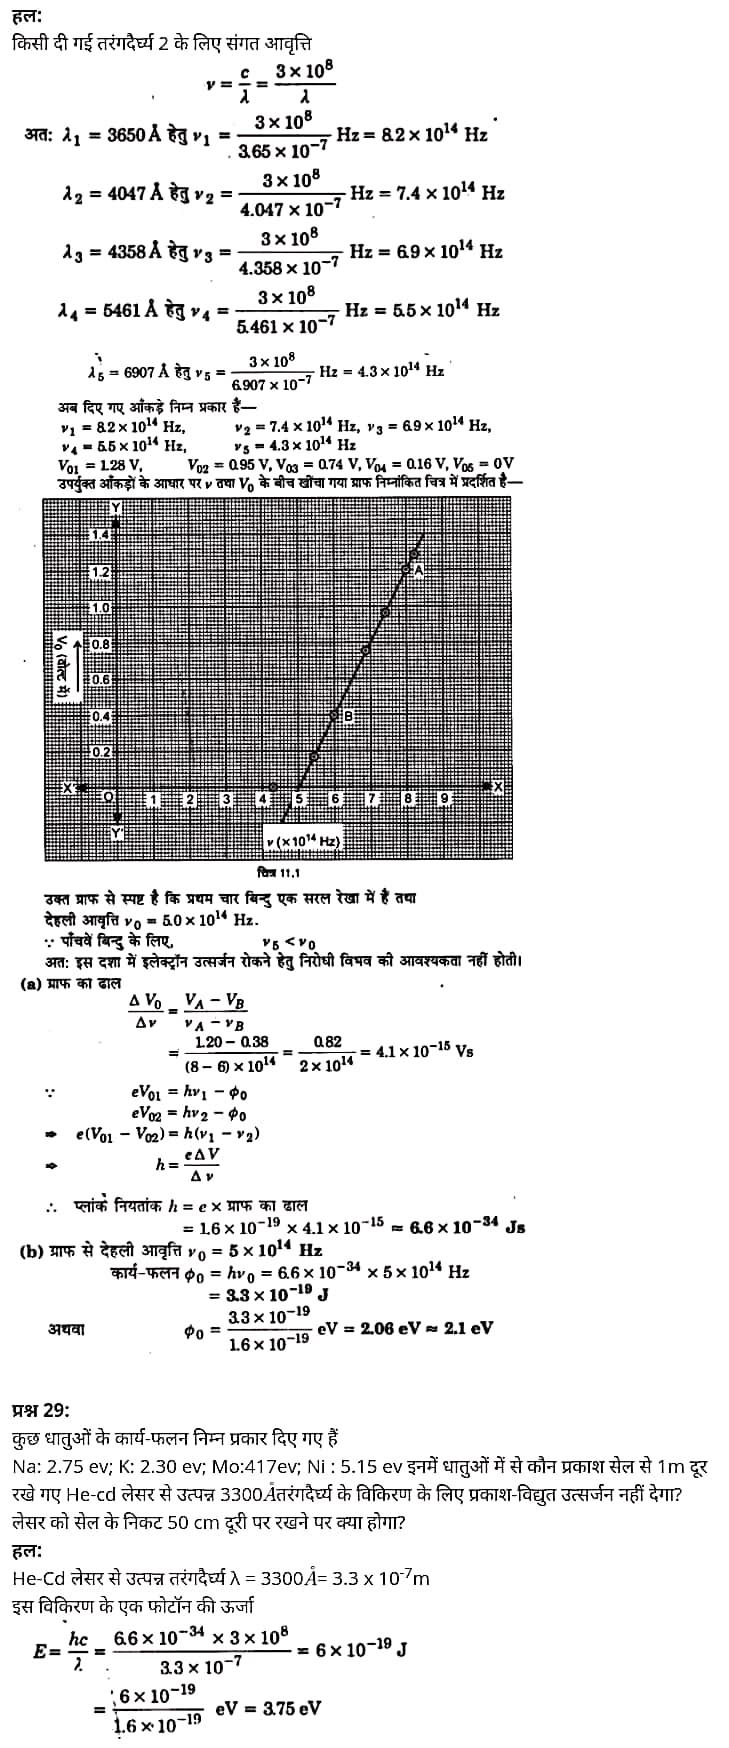 """""""Class 12 Physics Chapter 11"""", """"Dual Nature of Radiation and Matter"""", """"(विकिरण तथा द्रव्य की द्वैत प्रकृति)"""", Hindi Medium भौतिक विज्ञान कक्षा 12 नोट्स pdf,  भौतिक विज्ञान कक्षा 12 नोट्स 2021 NCERT,  भौतिक विज्ञान कक्षा 12 PDF,  भौतिक विज्ञान पुस्तक,  भौतिक विज्ञान की बुक,  भौतिक विज्ञान प्रश्नोत्तरी Class 12, 12 वीं भौतिक विज्ञान पुस्तक up board,  बिहार बोर्ड 12 वीं भौतिक विज्ञान नोट्स,   12th Physics book in hindi,12th Physics notes in hindi,cbse books for class 12,cbse books in hindi,cbse ncert books,class 12 Physics notes in hindi,class 12 hindi ncert solutions,Physics 2020,Physics 2021,Maths 2022,Physics book class 12,Physics book in hindi,Physics class 12 in hindi,Physics notes for class 12 up board in hindi,ncert all books,ncert app in hindi,ncert book solution,ncert books class 10,ncert books class 12,ncert books for class 7,ncert books for upsc in hindi,ncert books in hindi class 10,ncert books in hindi for class 12 Physics,ncert books in hindi for class 6,ncert books in hindi pdf,ncert class 12 hindi book,ncert english book,ncert Physics book in hindi,ncert Physics books in hindi pdf,ncert Physics class 12,ncert in hindi,old ncert books in hindi,online ncert books in hindi,up board 12th,up board 12th syllabus,up board class 10 hindi book,up board class 12 books,up board class 12 new syllabus,up Board Maths 2020,up Board Maths 2021,up Board Maths 2022,up Board Maths 2023,up board intermediate Physics syllabus,up board intermediate syllabus 2021,Up board Master 2021,up board model paper 2021,up board model paper all subject,up board new syllabus of class 12th Physics,up board paper 2021,Up board syllabus 2021,UP board syllabus 2022,  12 वीं भौतिक विज्ञान पुस्तक हिंदी में, 12 वीं भौतिक विज्ञान नोट्स हिंदी में, कक्षा 12 के लिए सीबीएससी पुस्तकें, हिंदी में सीबीएससी पुस्तकें, सीबीएससी  पुस्तकें, कक्षा 12 भौतिक विज्ञान नोट्स हिंदी में, कक्षा 12 हिंदी एनसीईआरटी समाधान, भौतिक विज्ञान 2020, भौतिक विज्ञान 2021, भौतिक विज्ञान 2022, भौतिक विज्ञान  बुक क्लास 12, भौतिक व"""